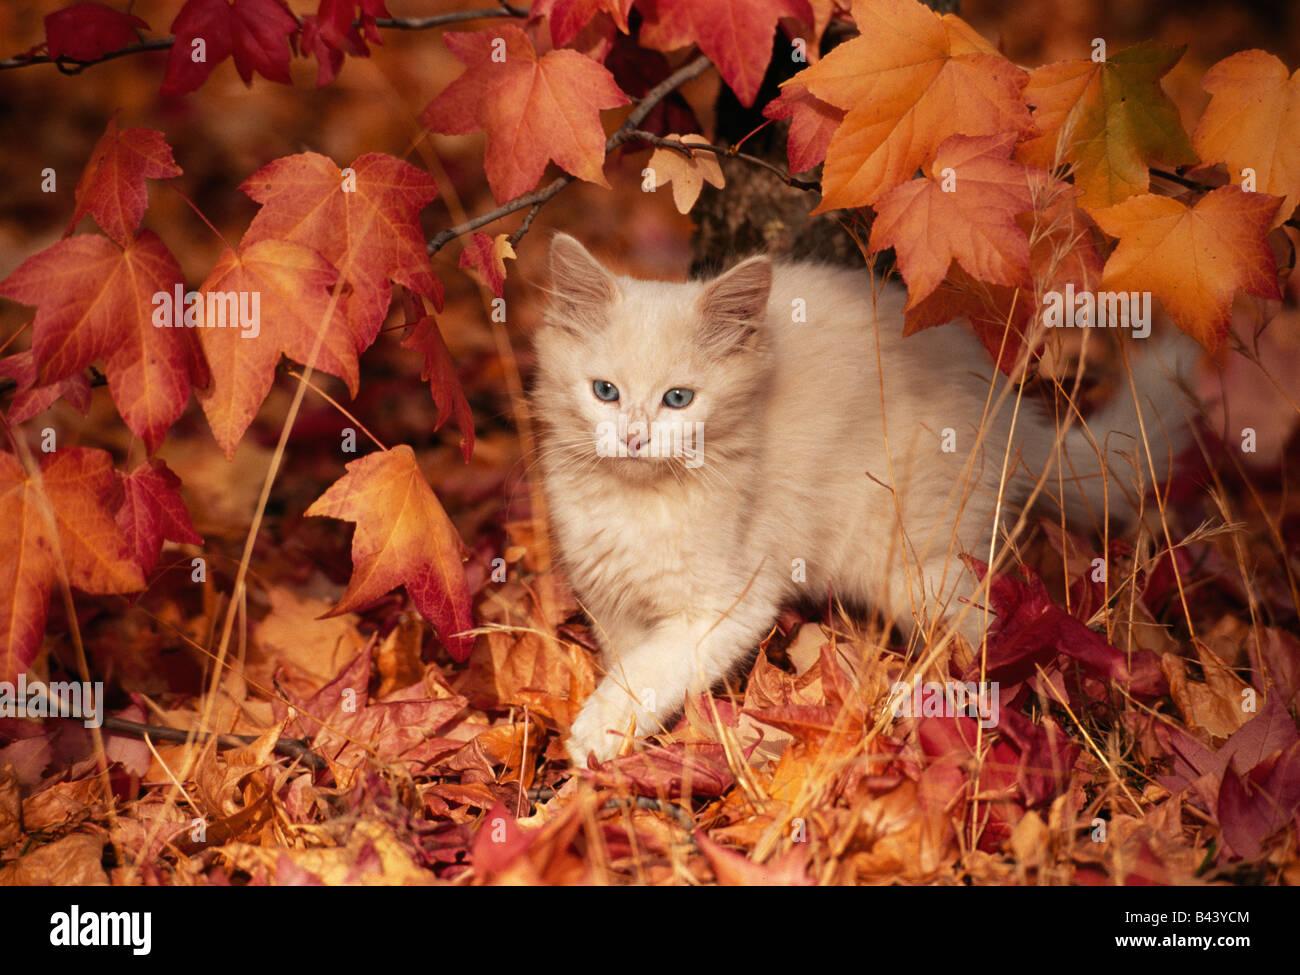 Chaton juvénile de l'exploration au feuillage d'automne. Photo Stock